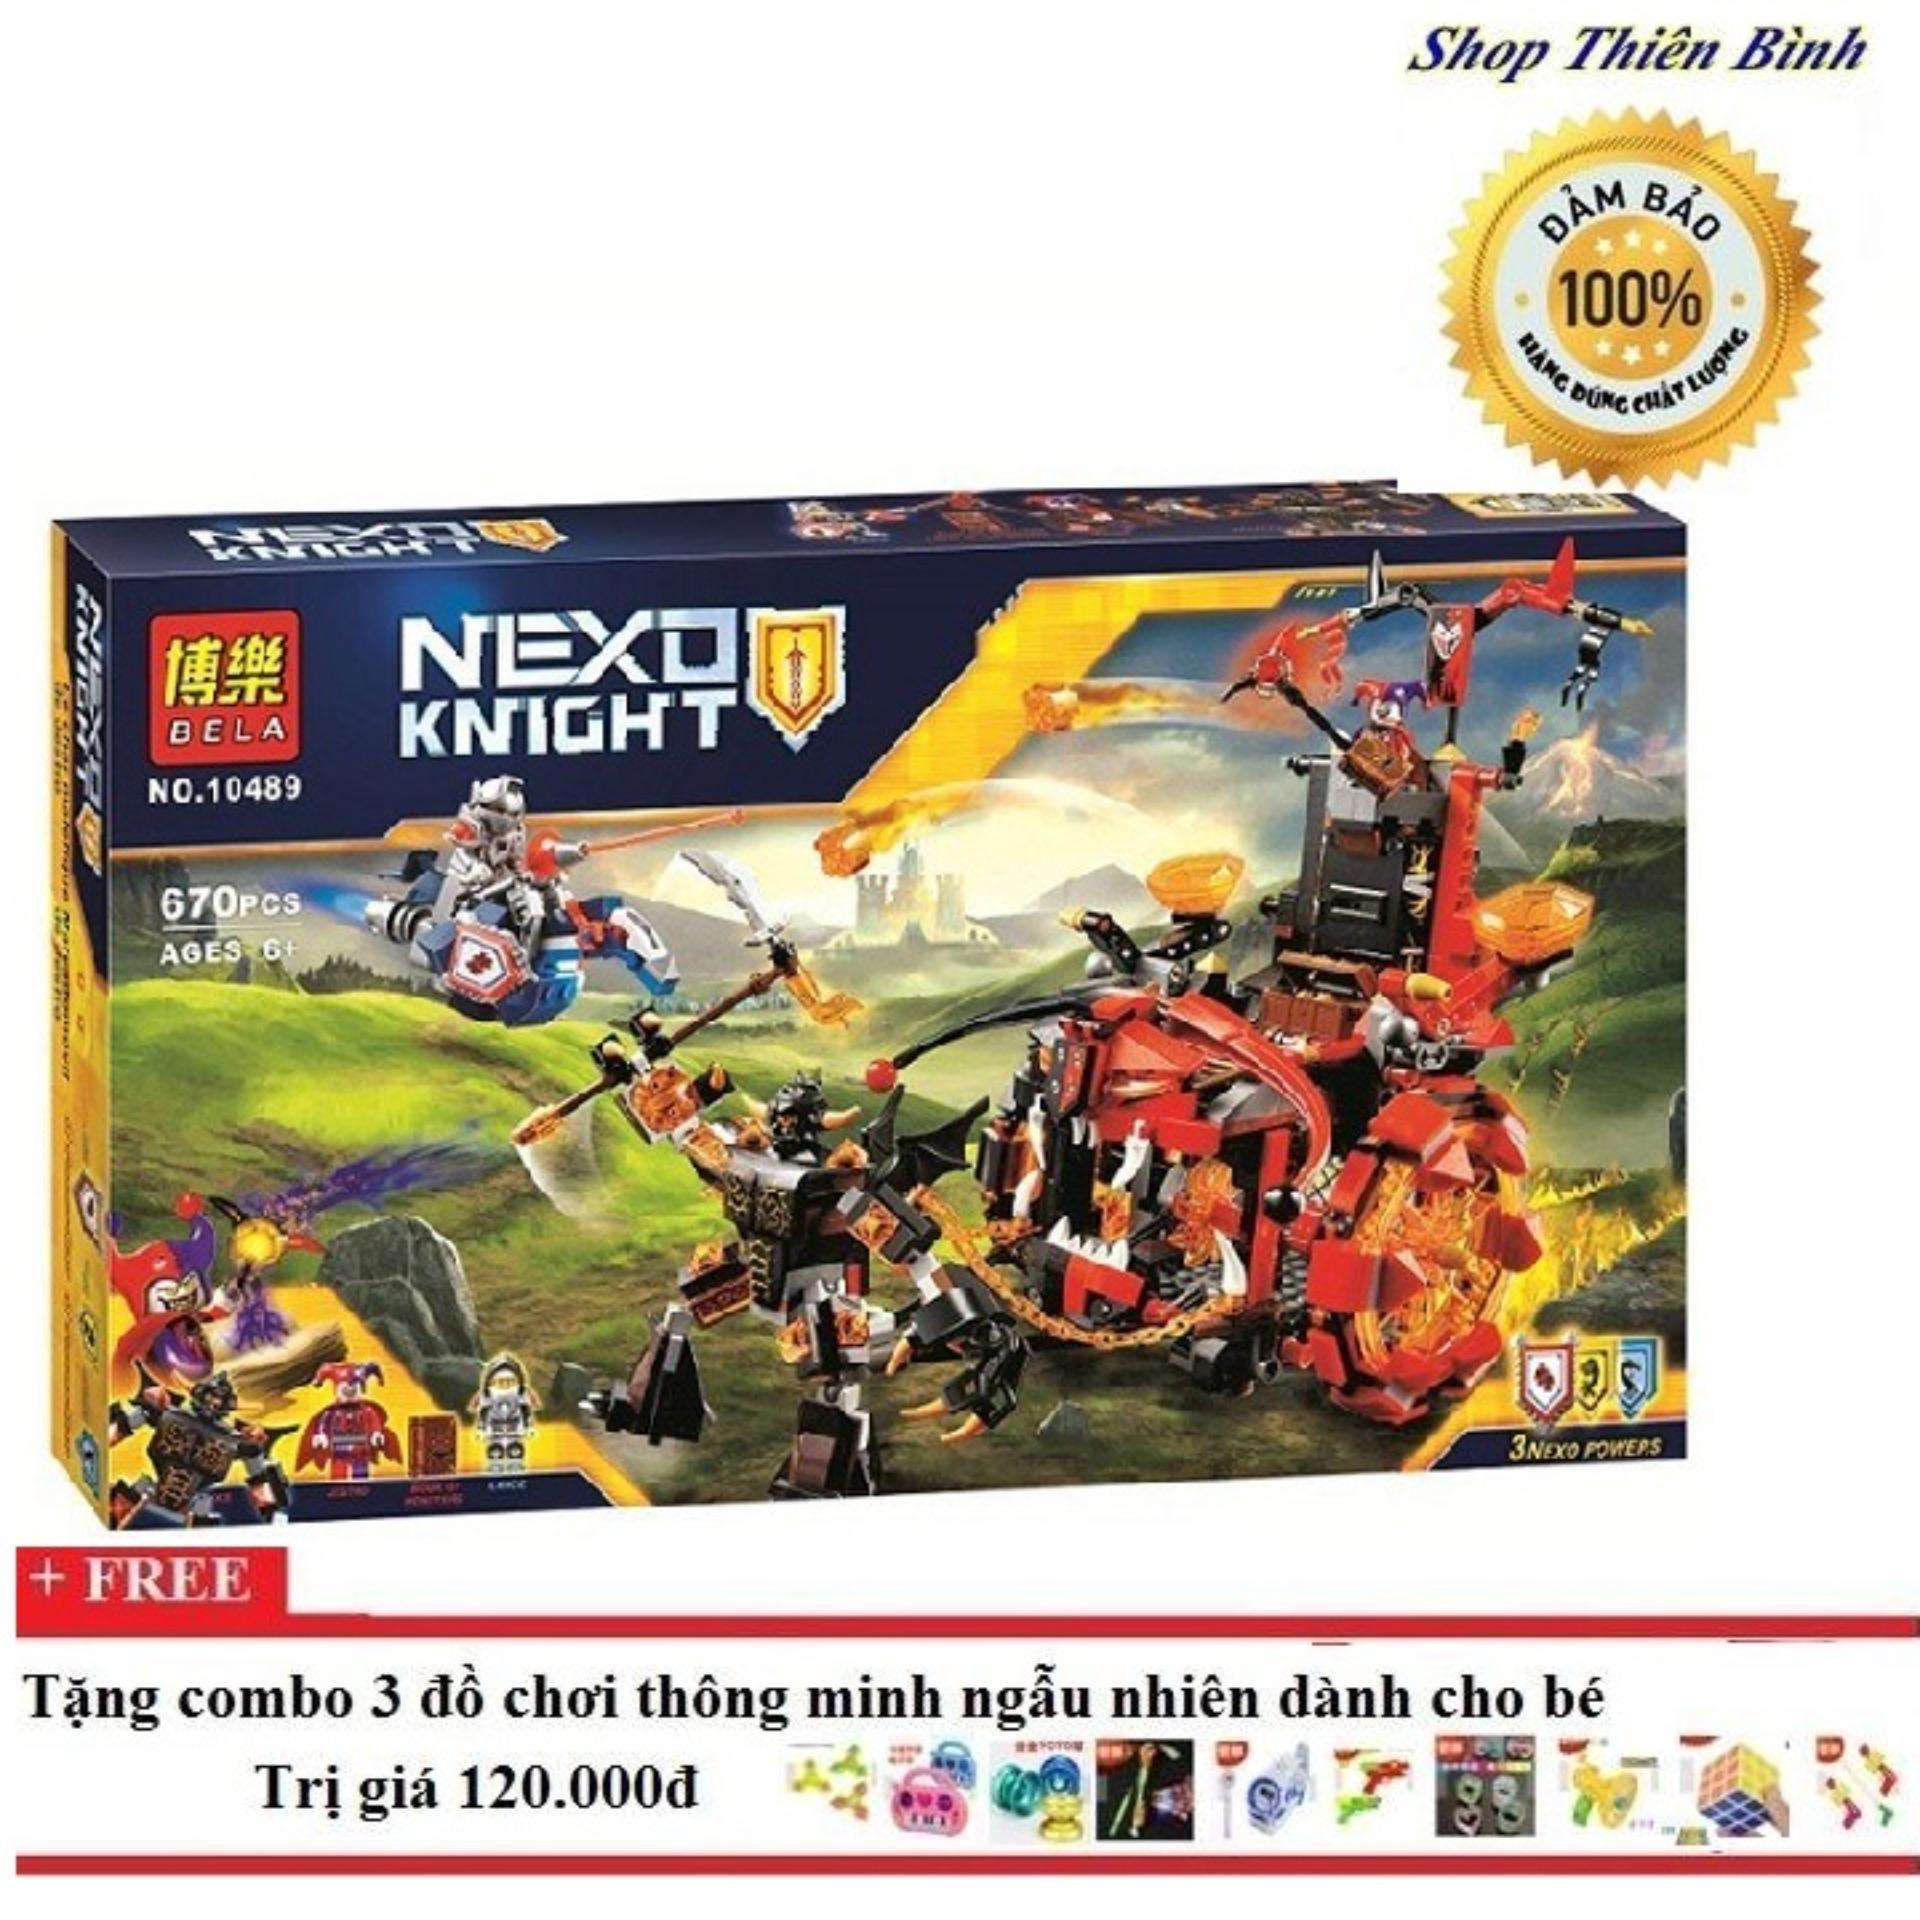 Bộ Ghép Hình Lego Bela Nexo 10489